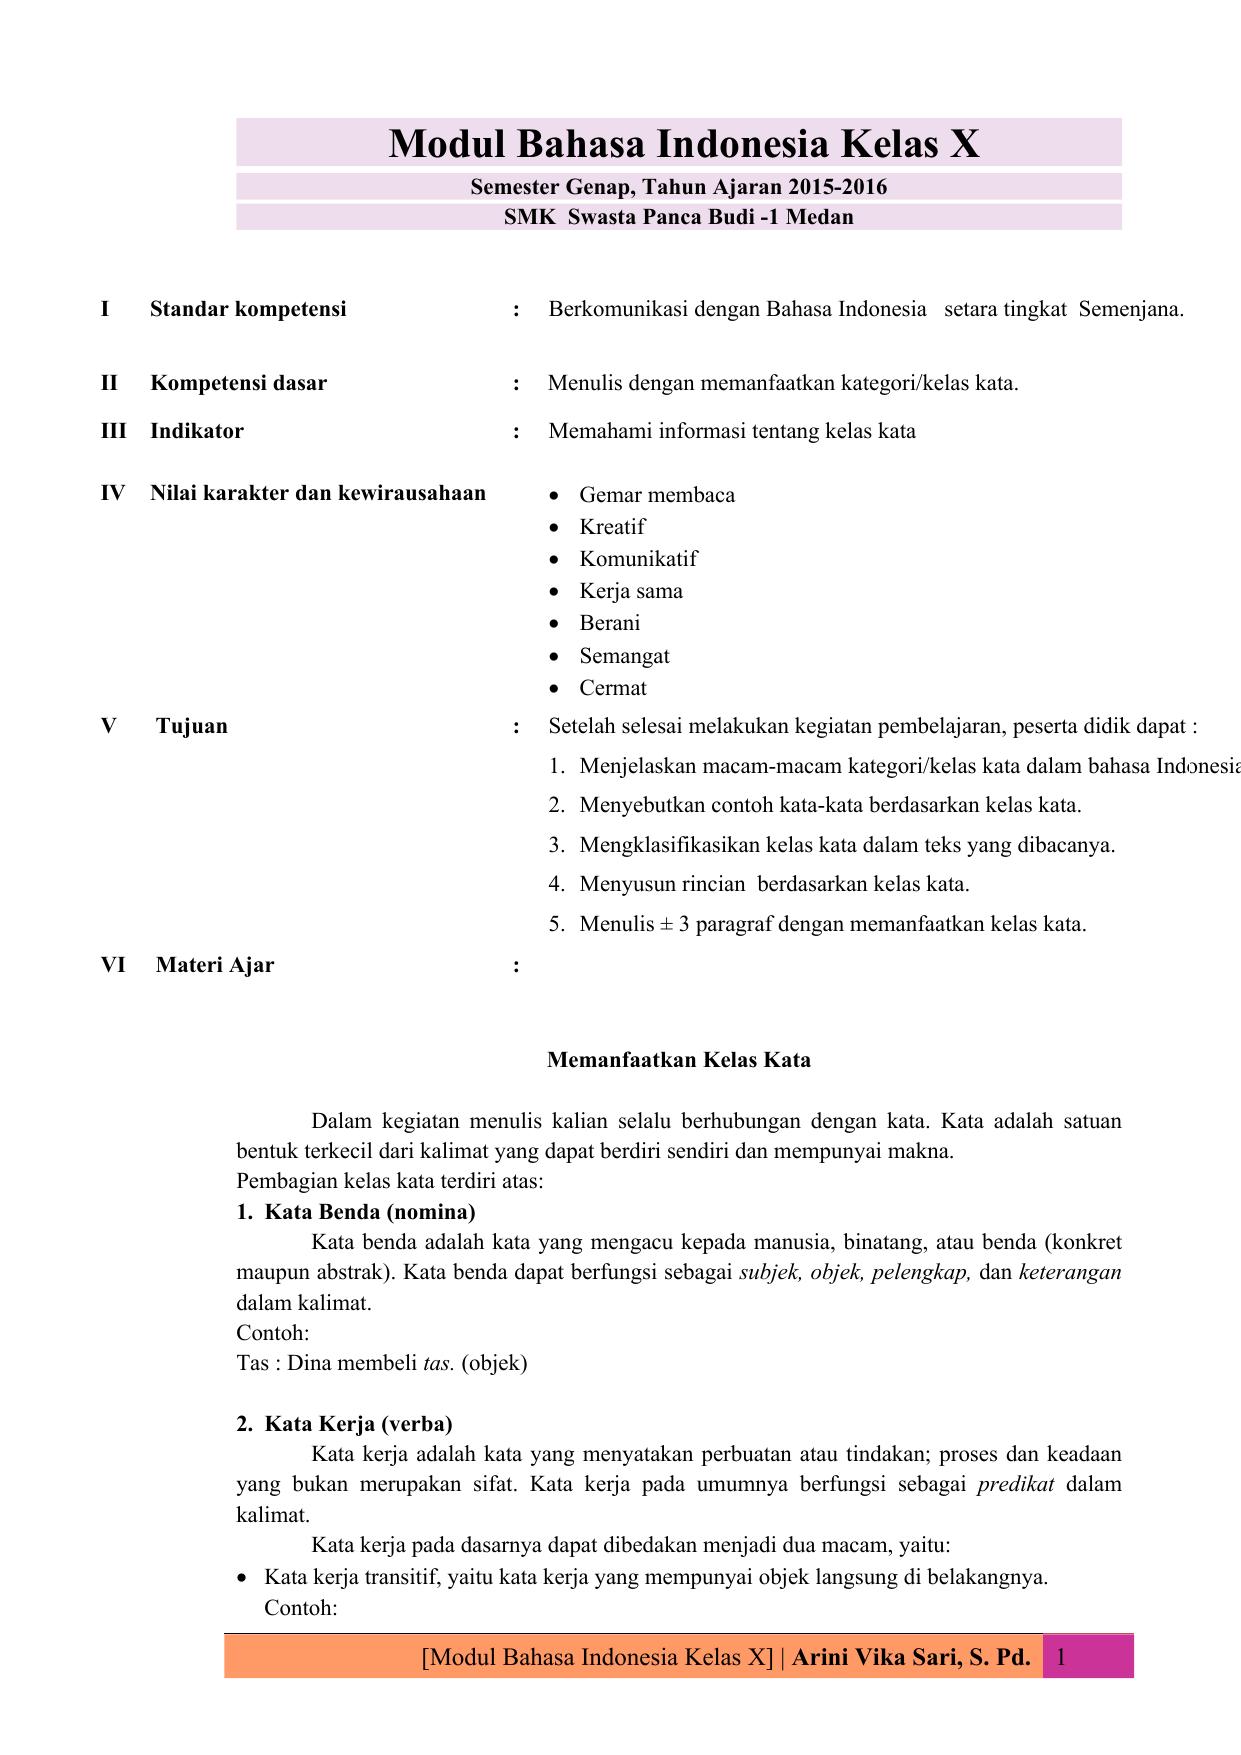 Modul Bahasa Indonesia Kelas X Smk